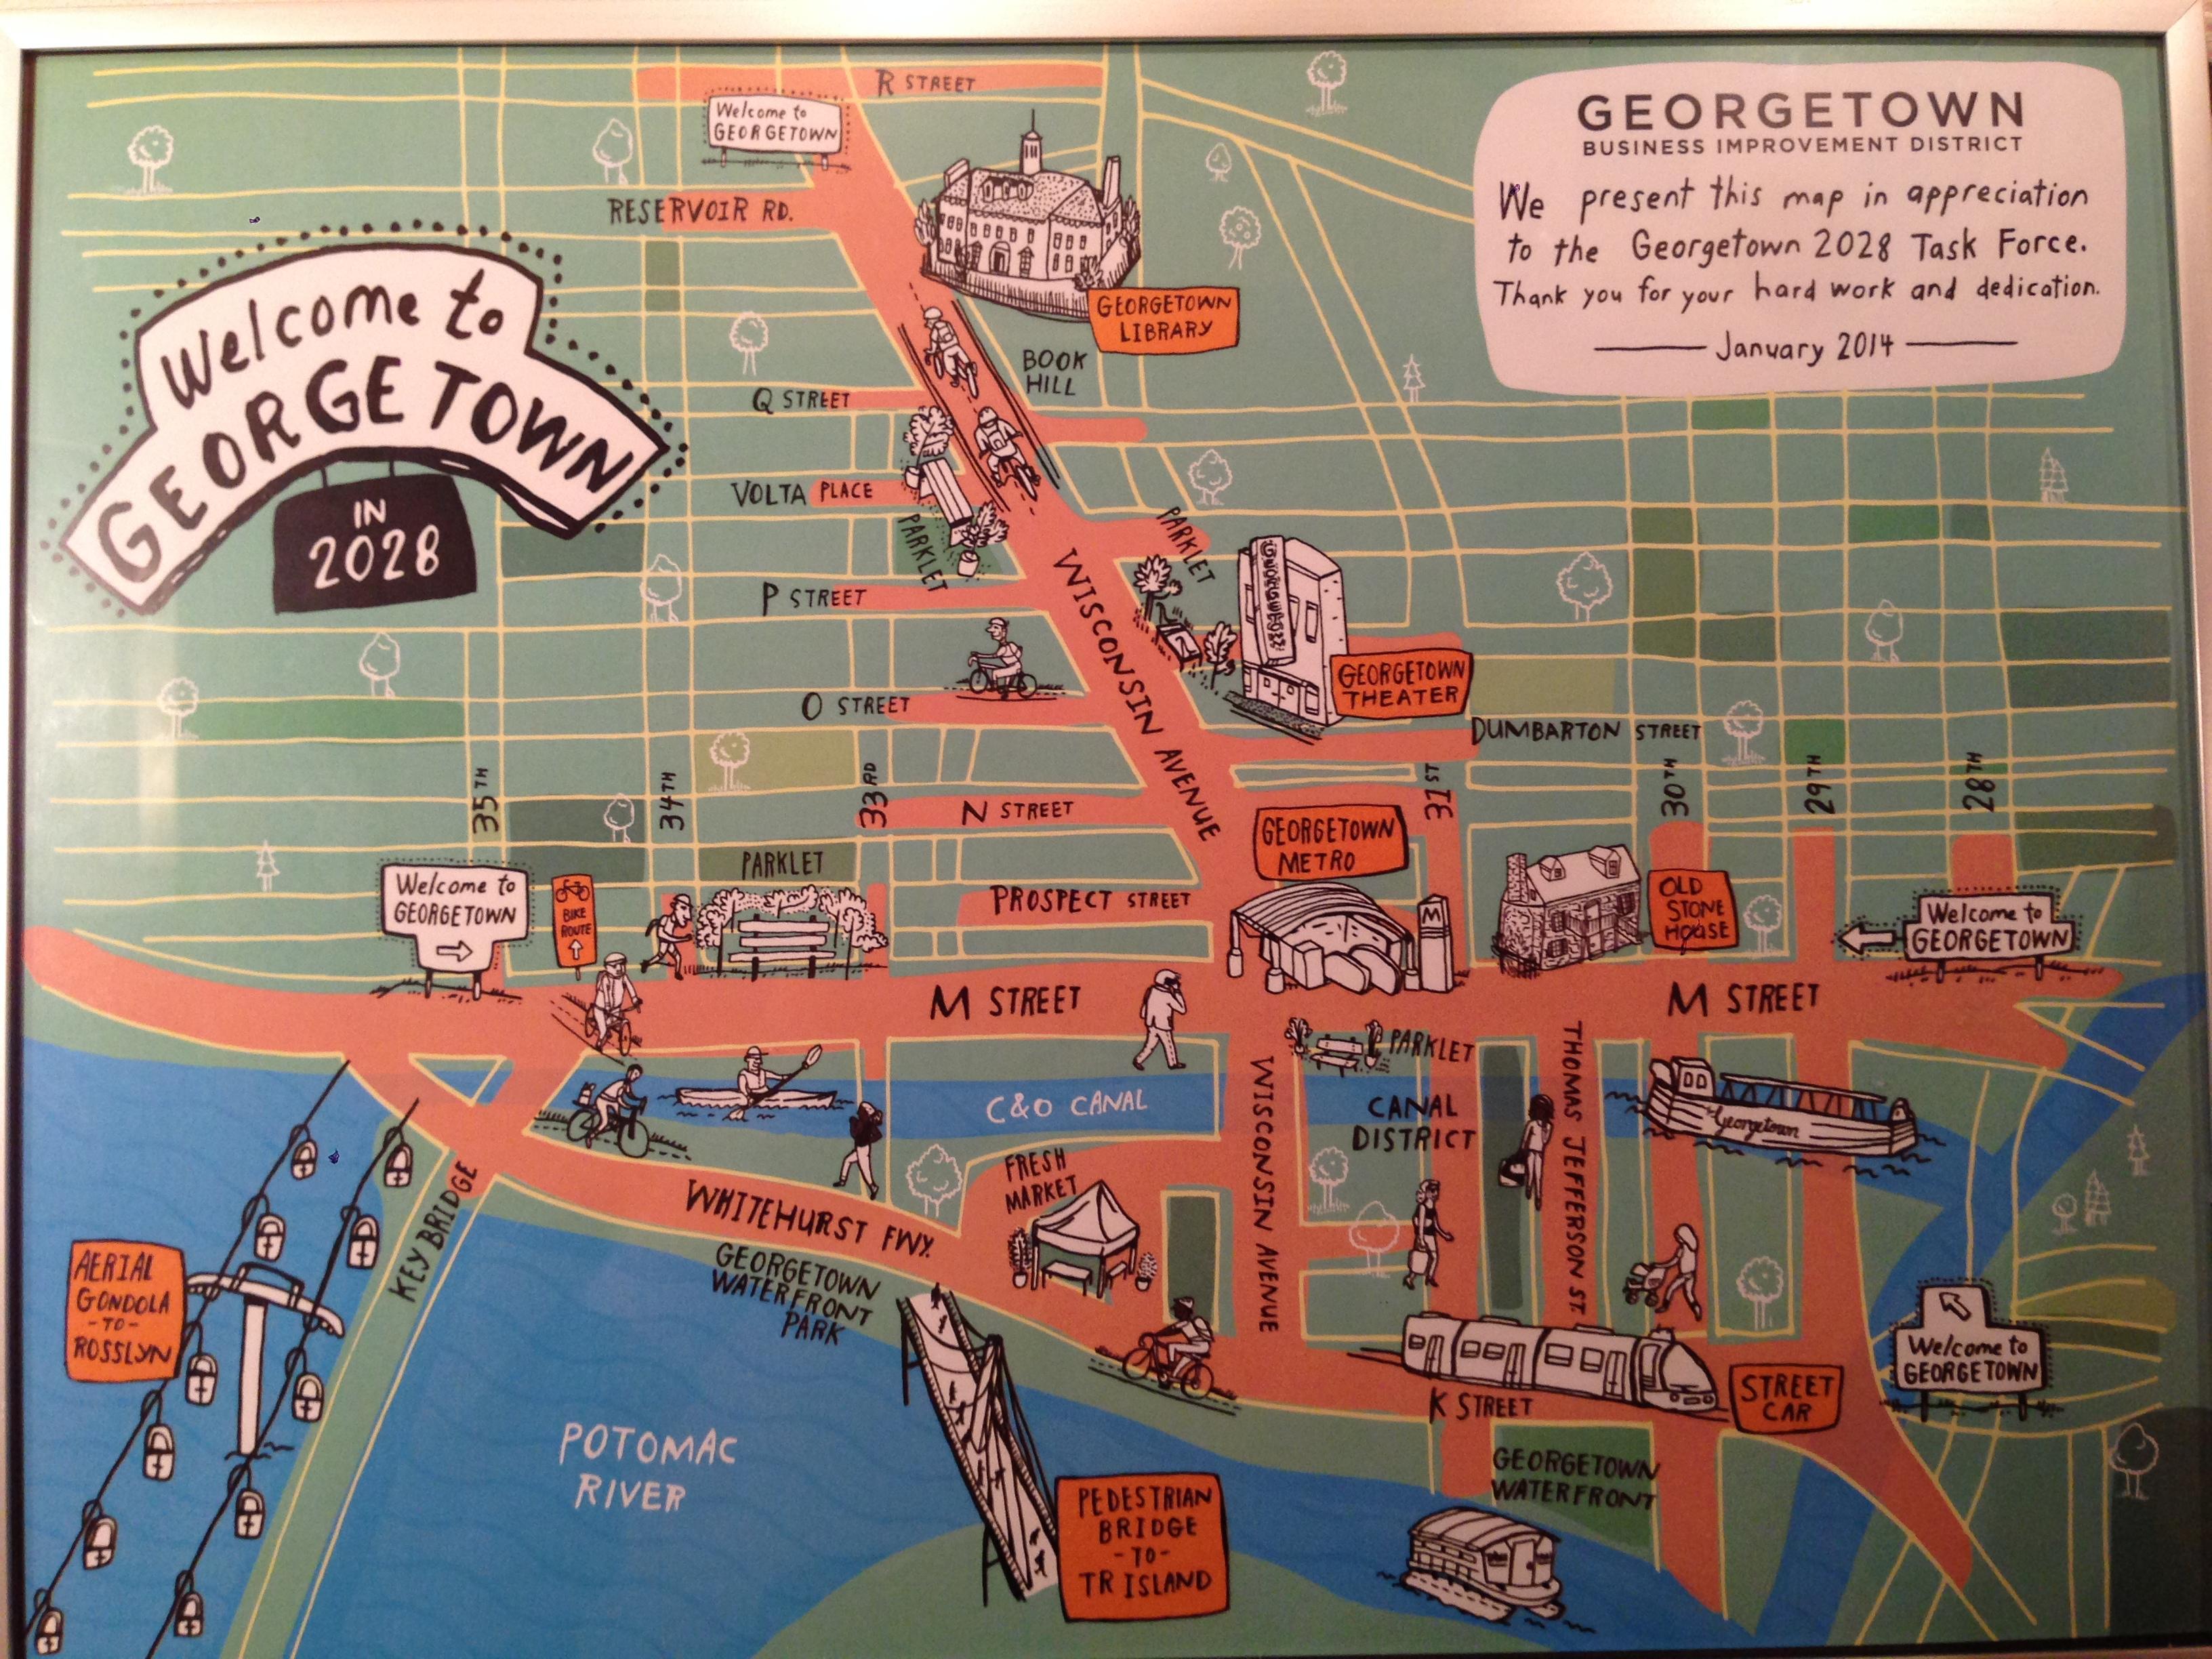 Map of Georgetown in 2028 Hopefully The Georgetown Metropolitan